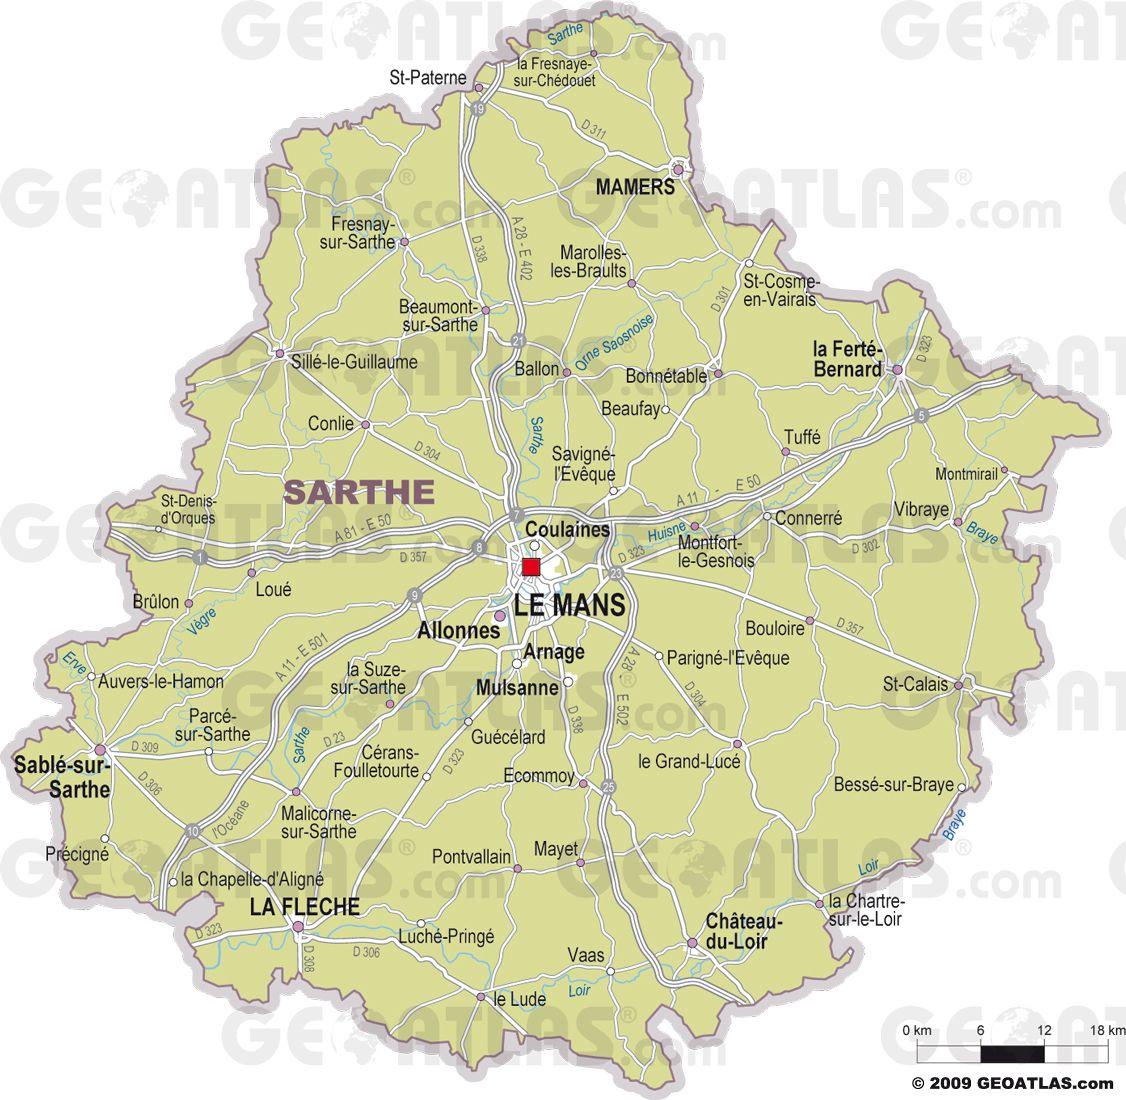 Carte de la Sarthe détaillée